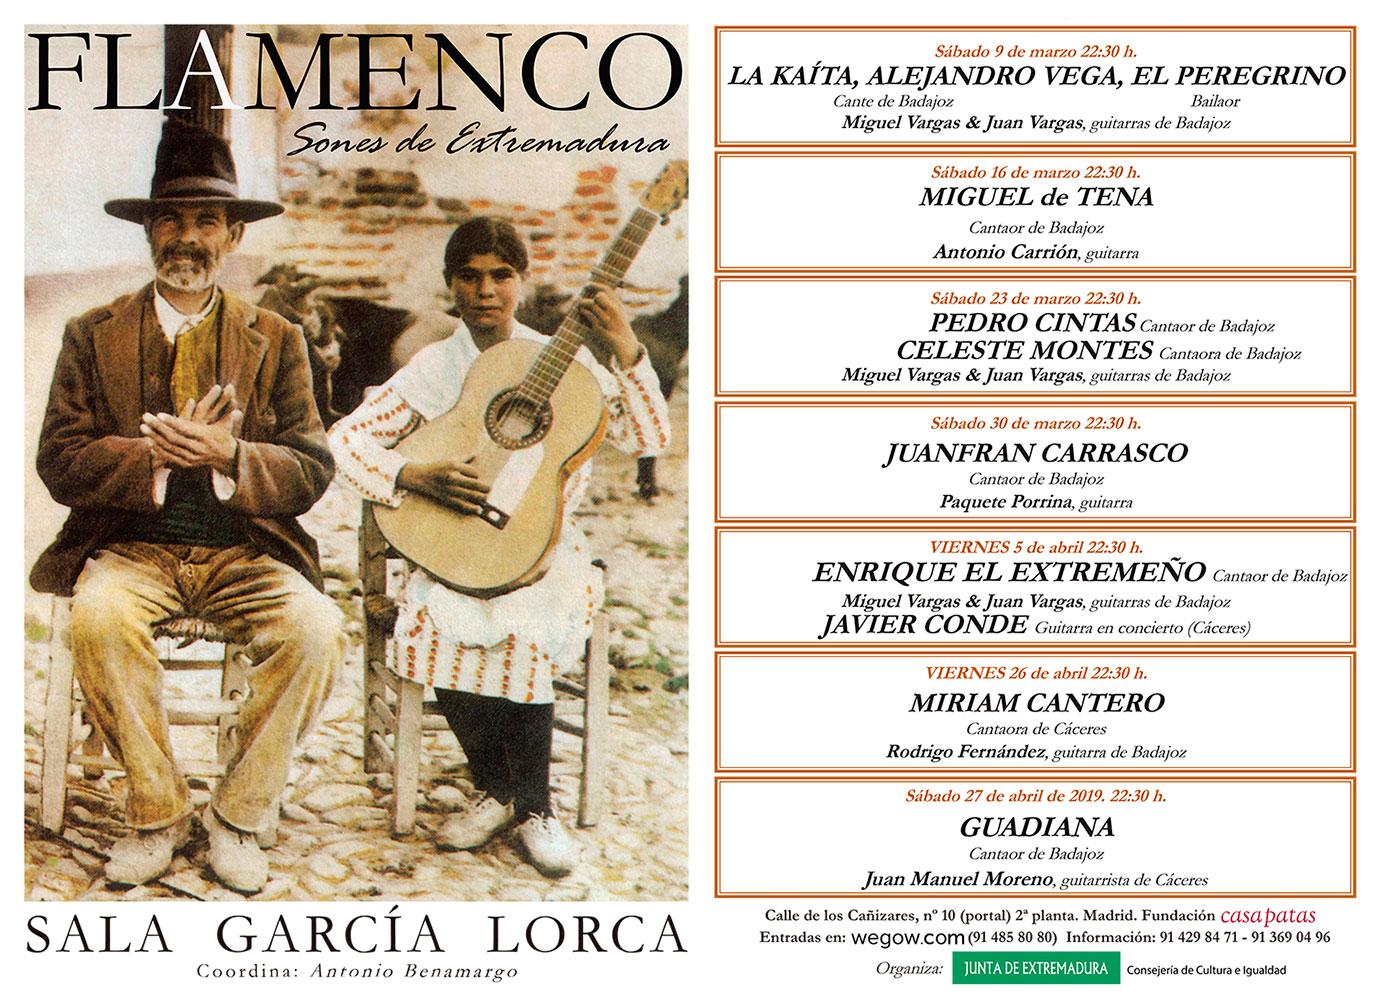 Sones de Extremadura - Sala García Lorca